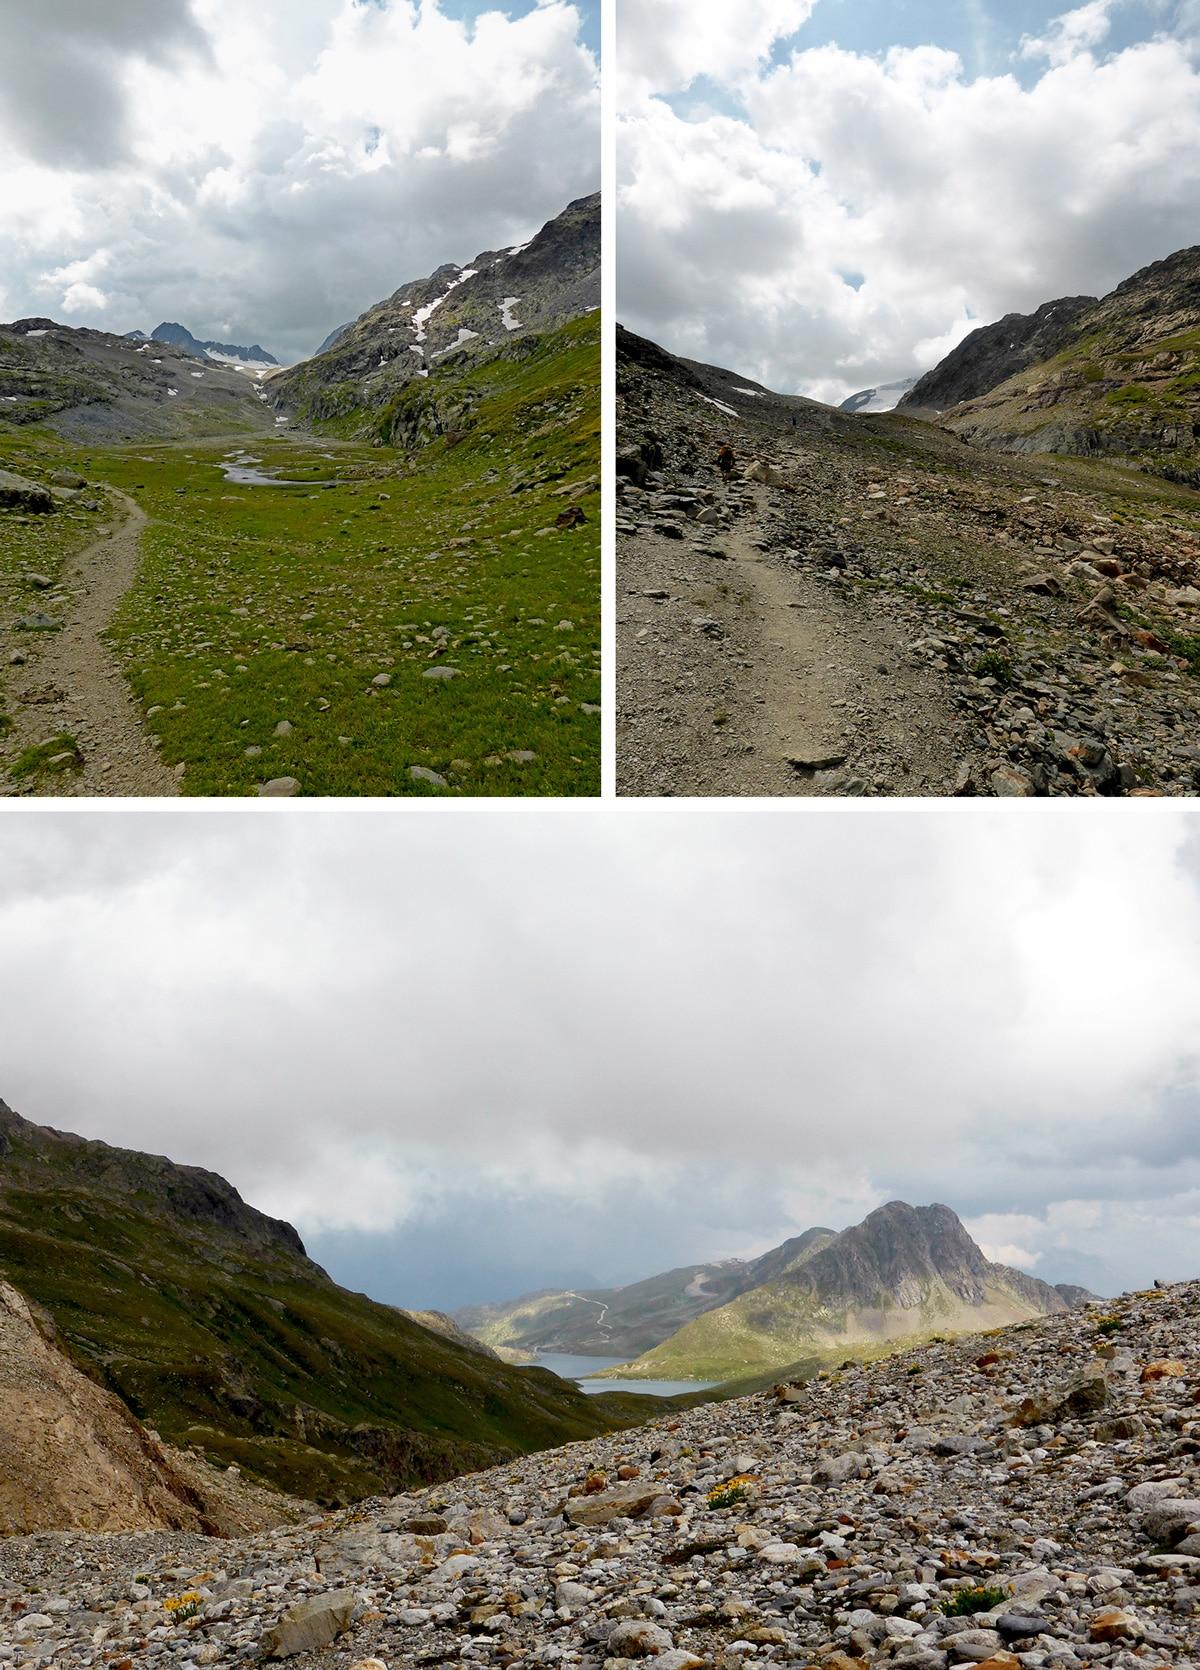 randonnee-lacs-glacier-saintsorlins-glacier-1